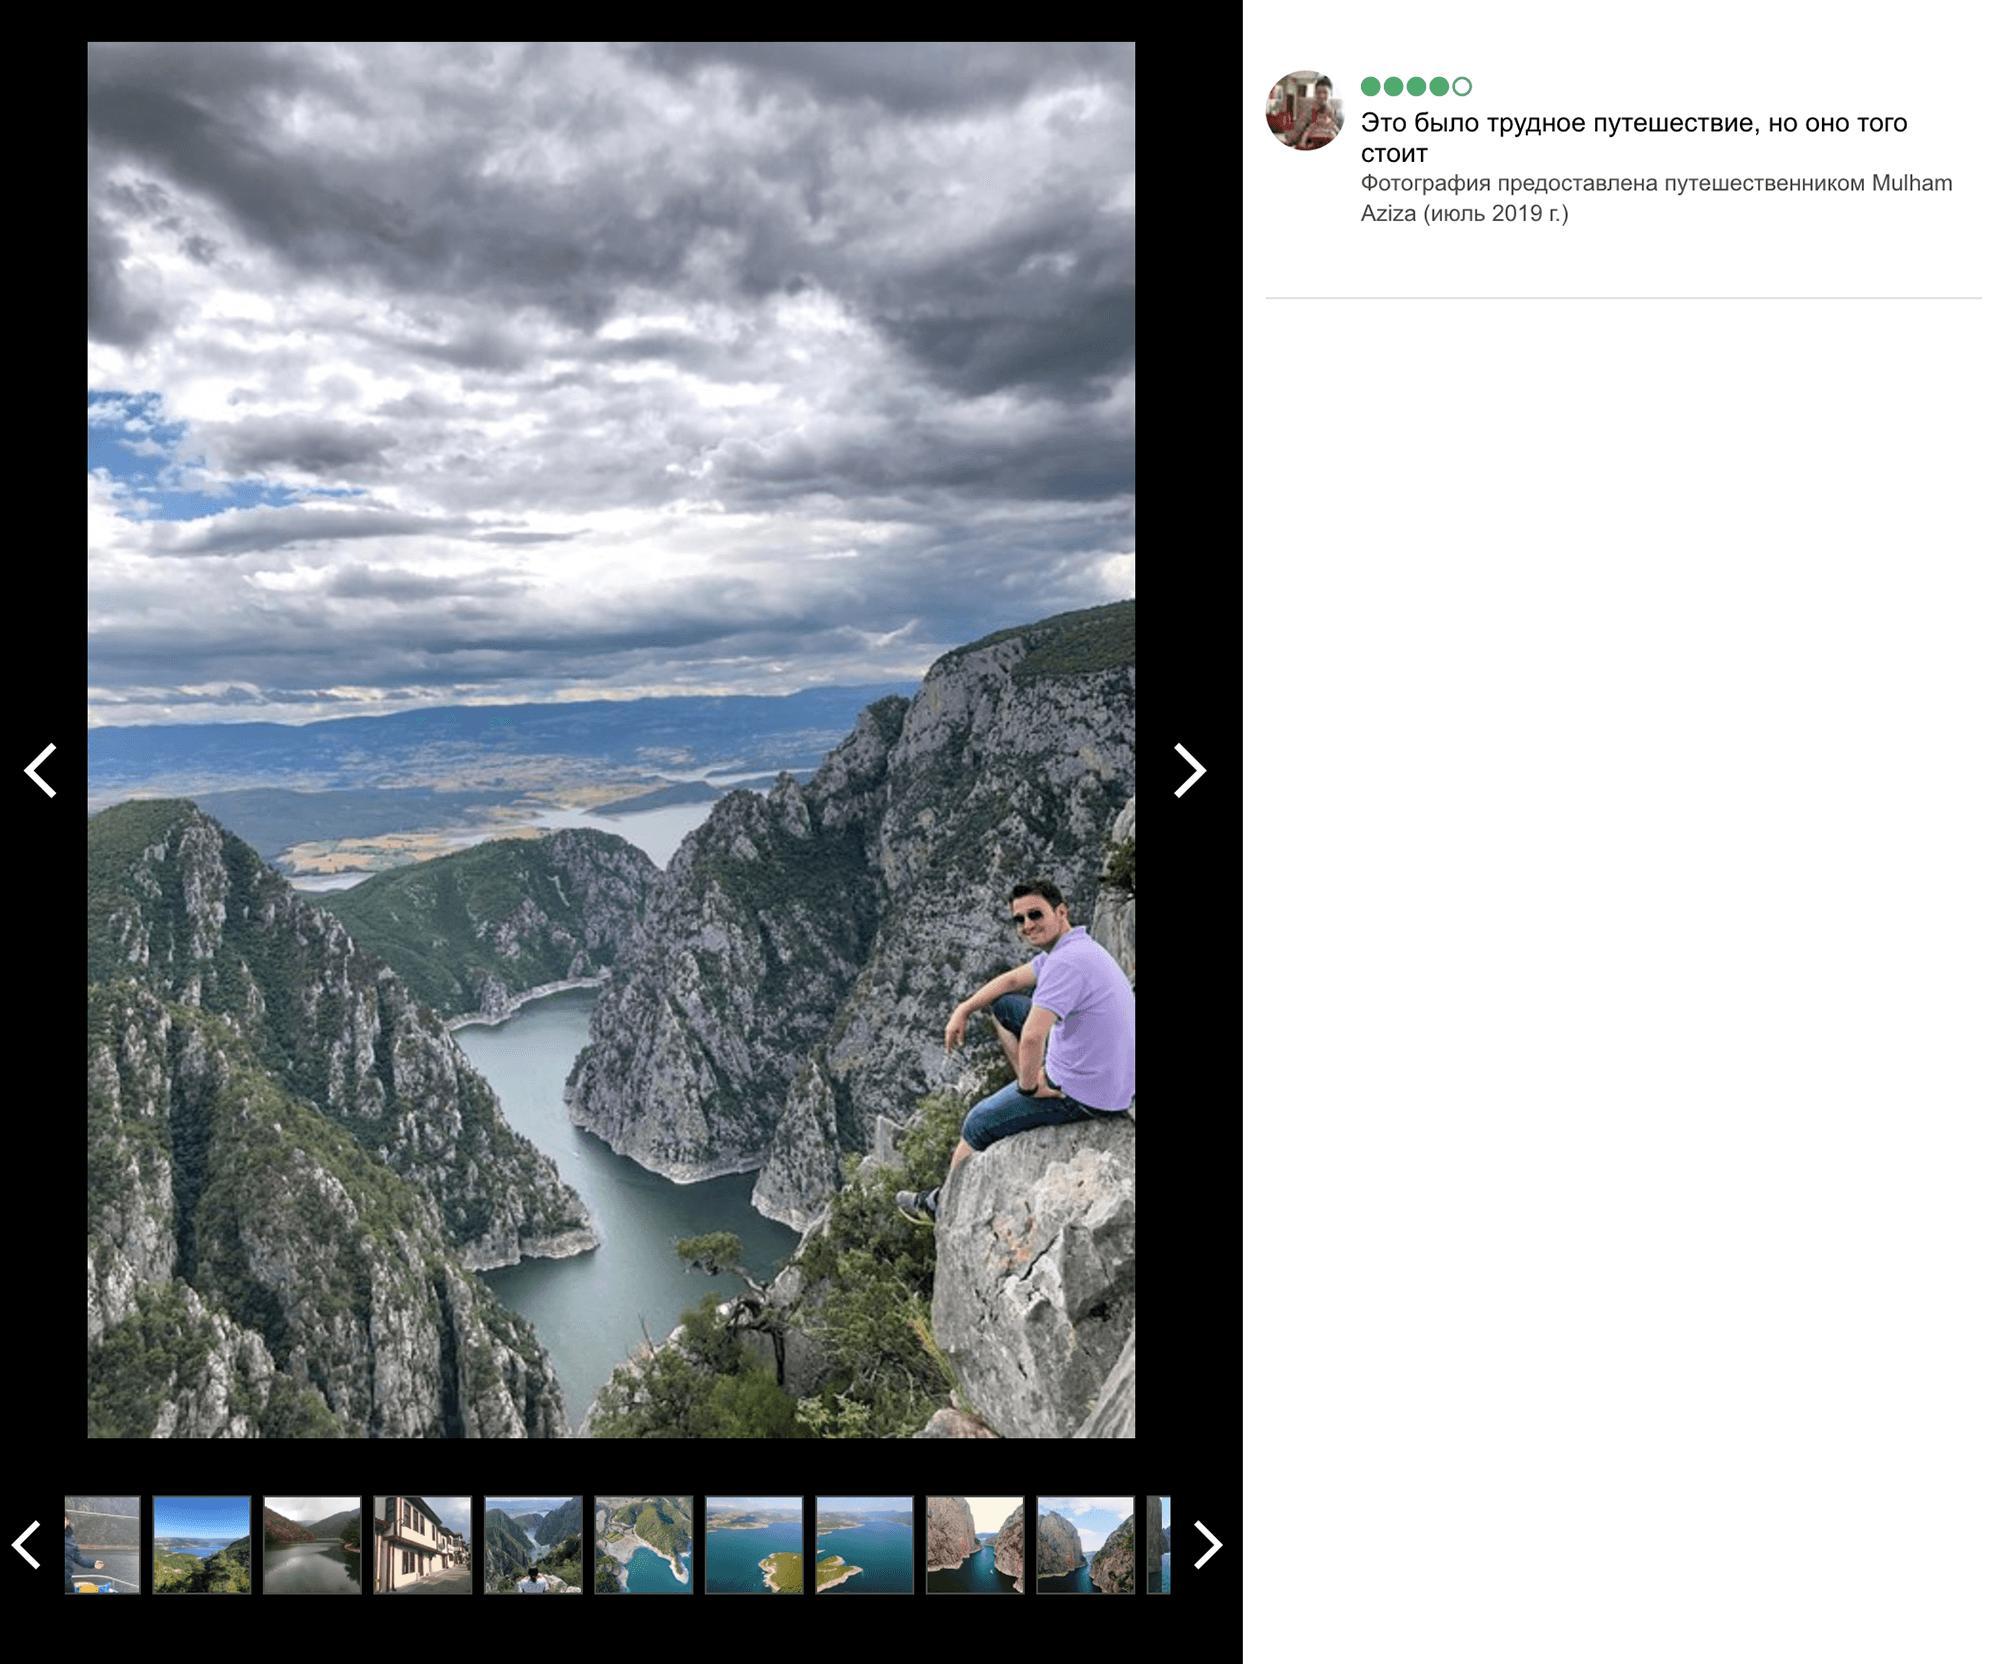 В Инстаграме мы видели фото каньона с высоты, но описания, как проехать к этому месту, не было. От местных рыбаков узнали, что нужно воспользоваться переправой длямашин на другую сторону каньона, а после этого около двух часов идти пешком. Оценив риски и состояние переправы, решили не ехать